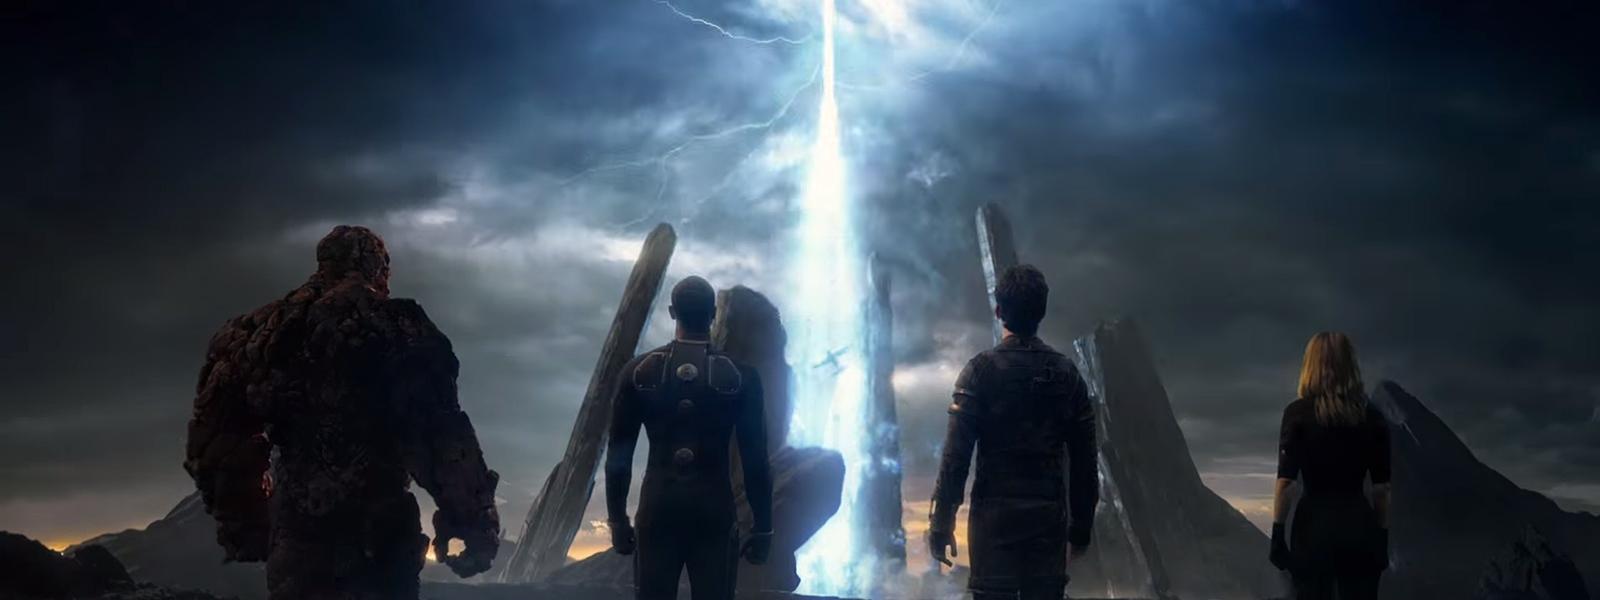 Fantastic Four – Official Teaser Trailer